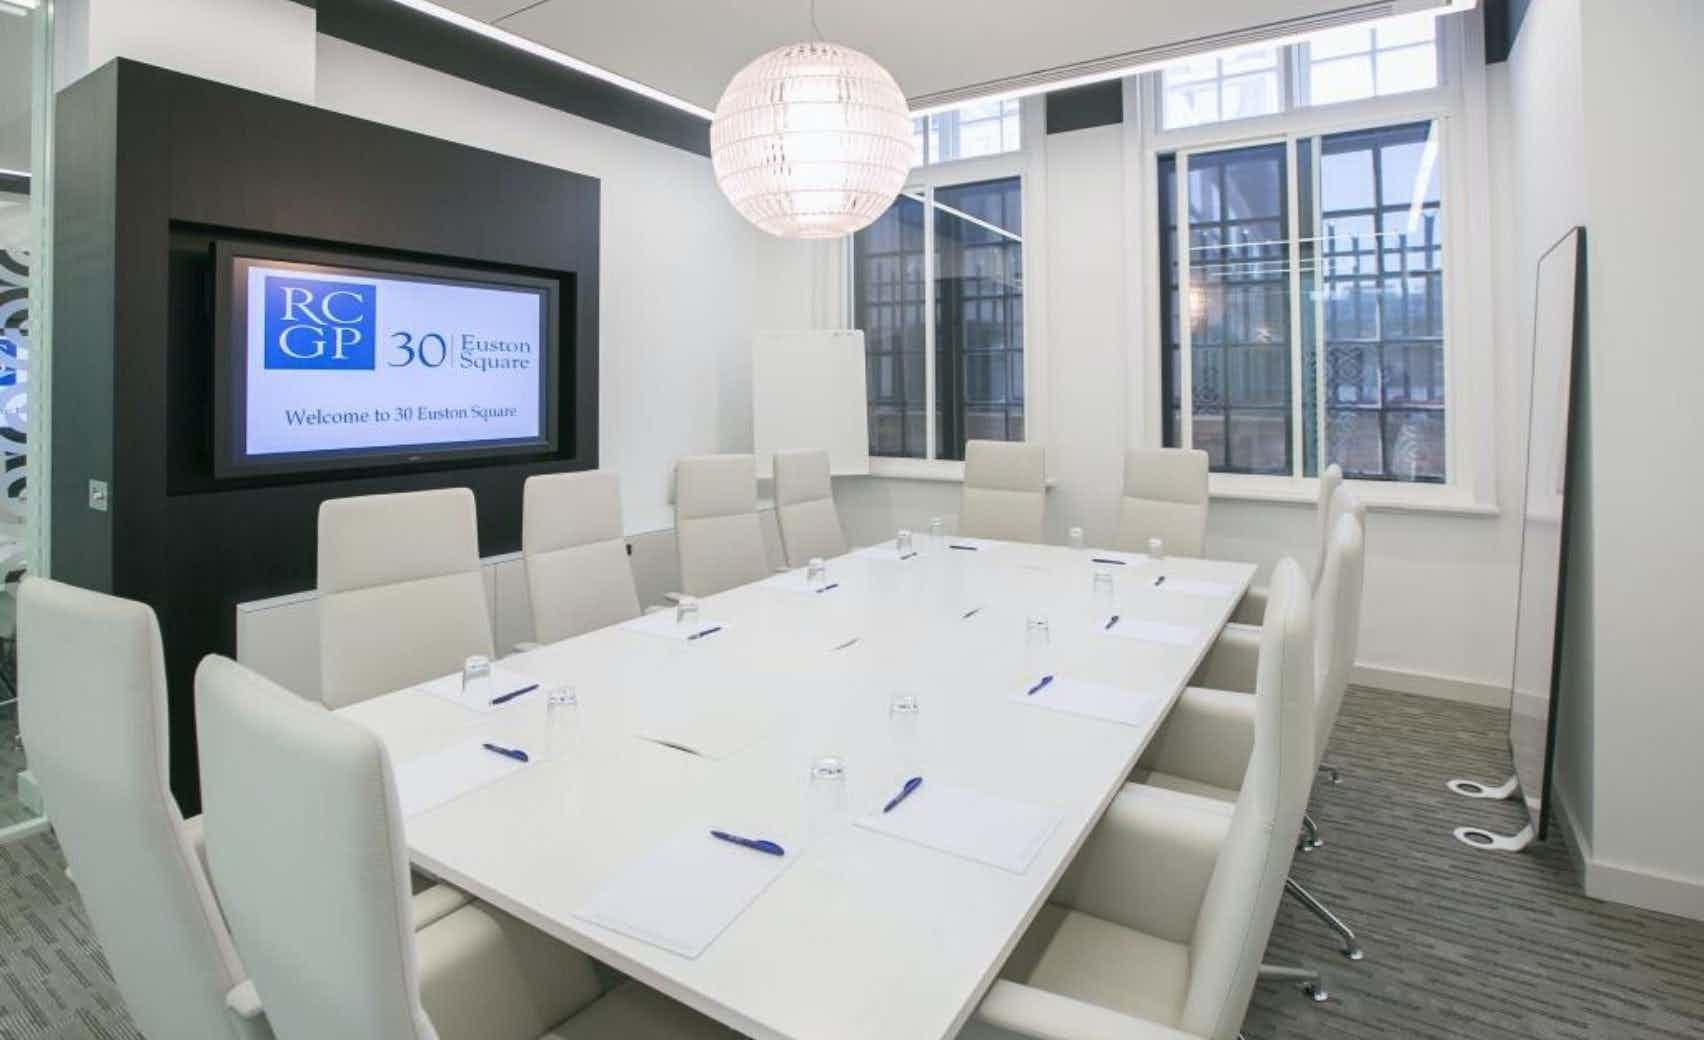 Ground Floor Meeting Room 9, 30 Euston Square